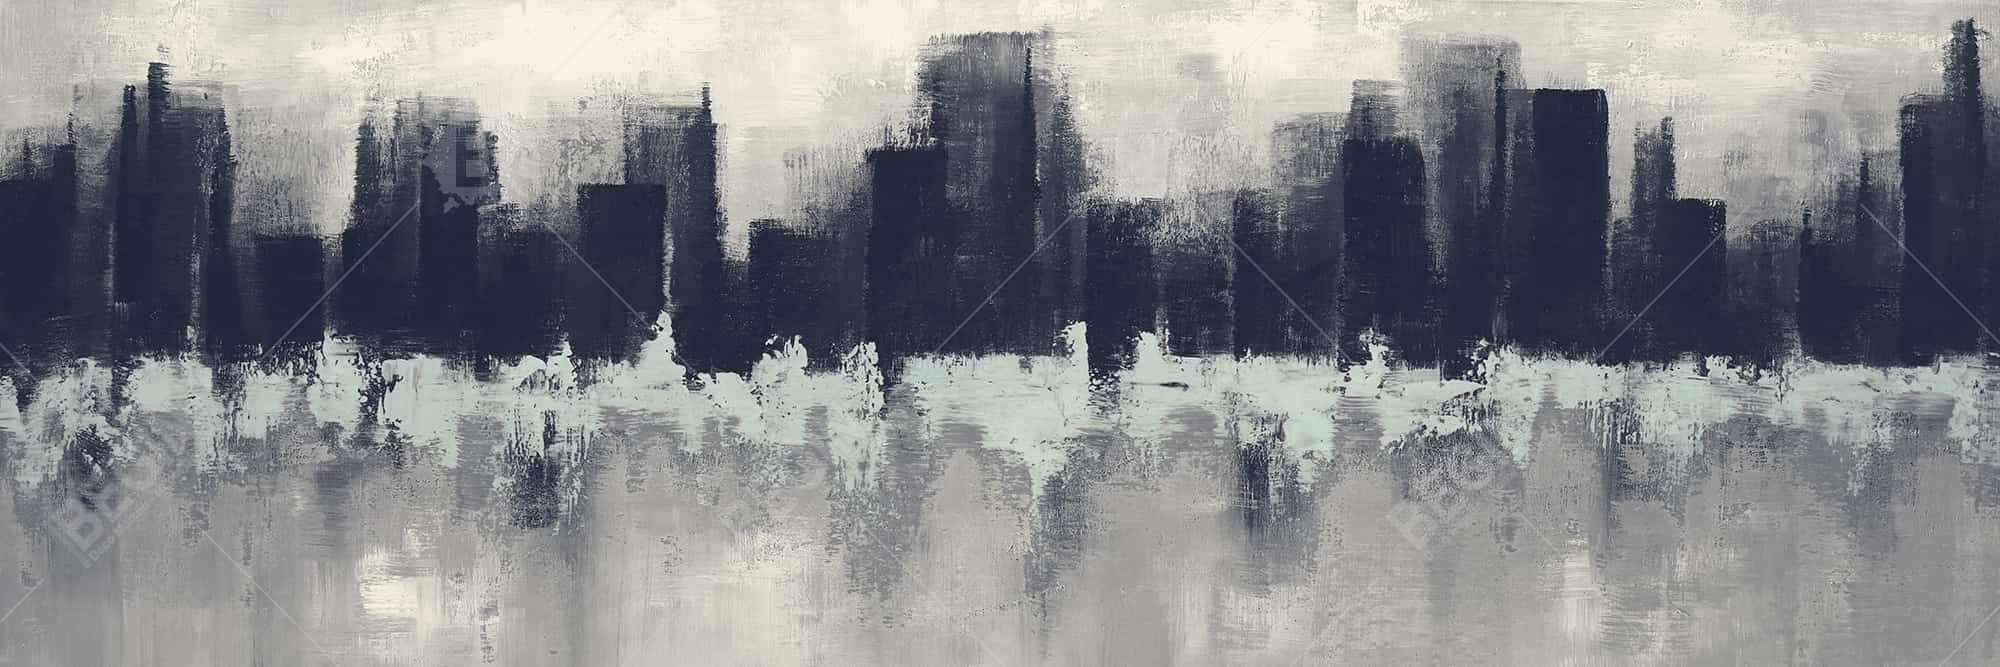 City by sponge technique